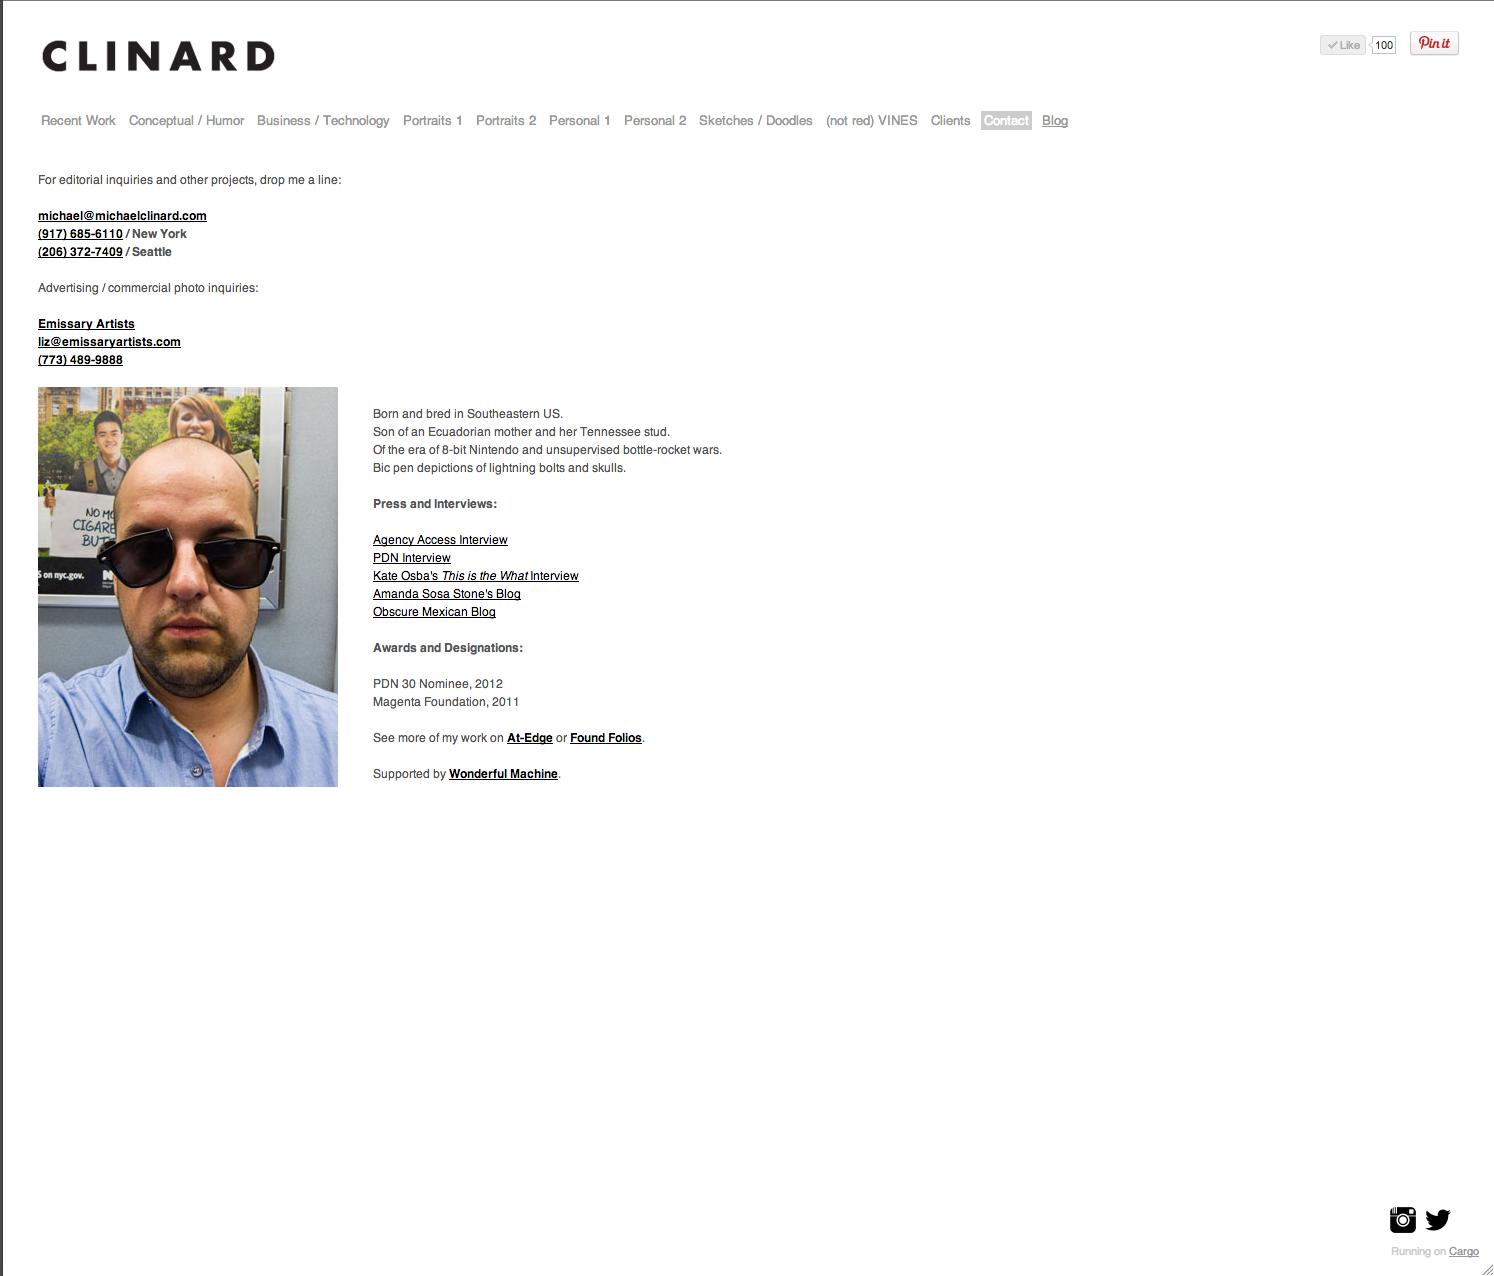 Screen shot 2013-09-25 at 8.10.48 PM